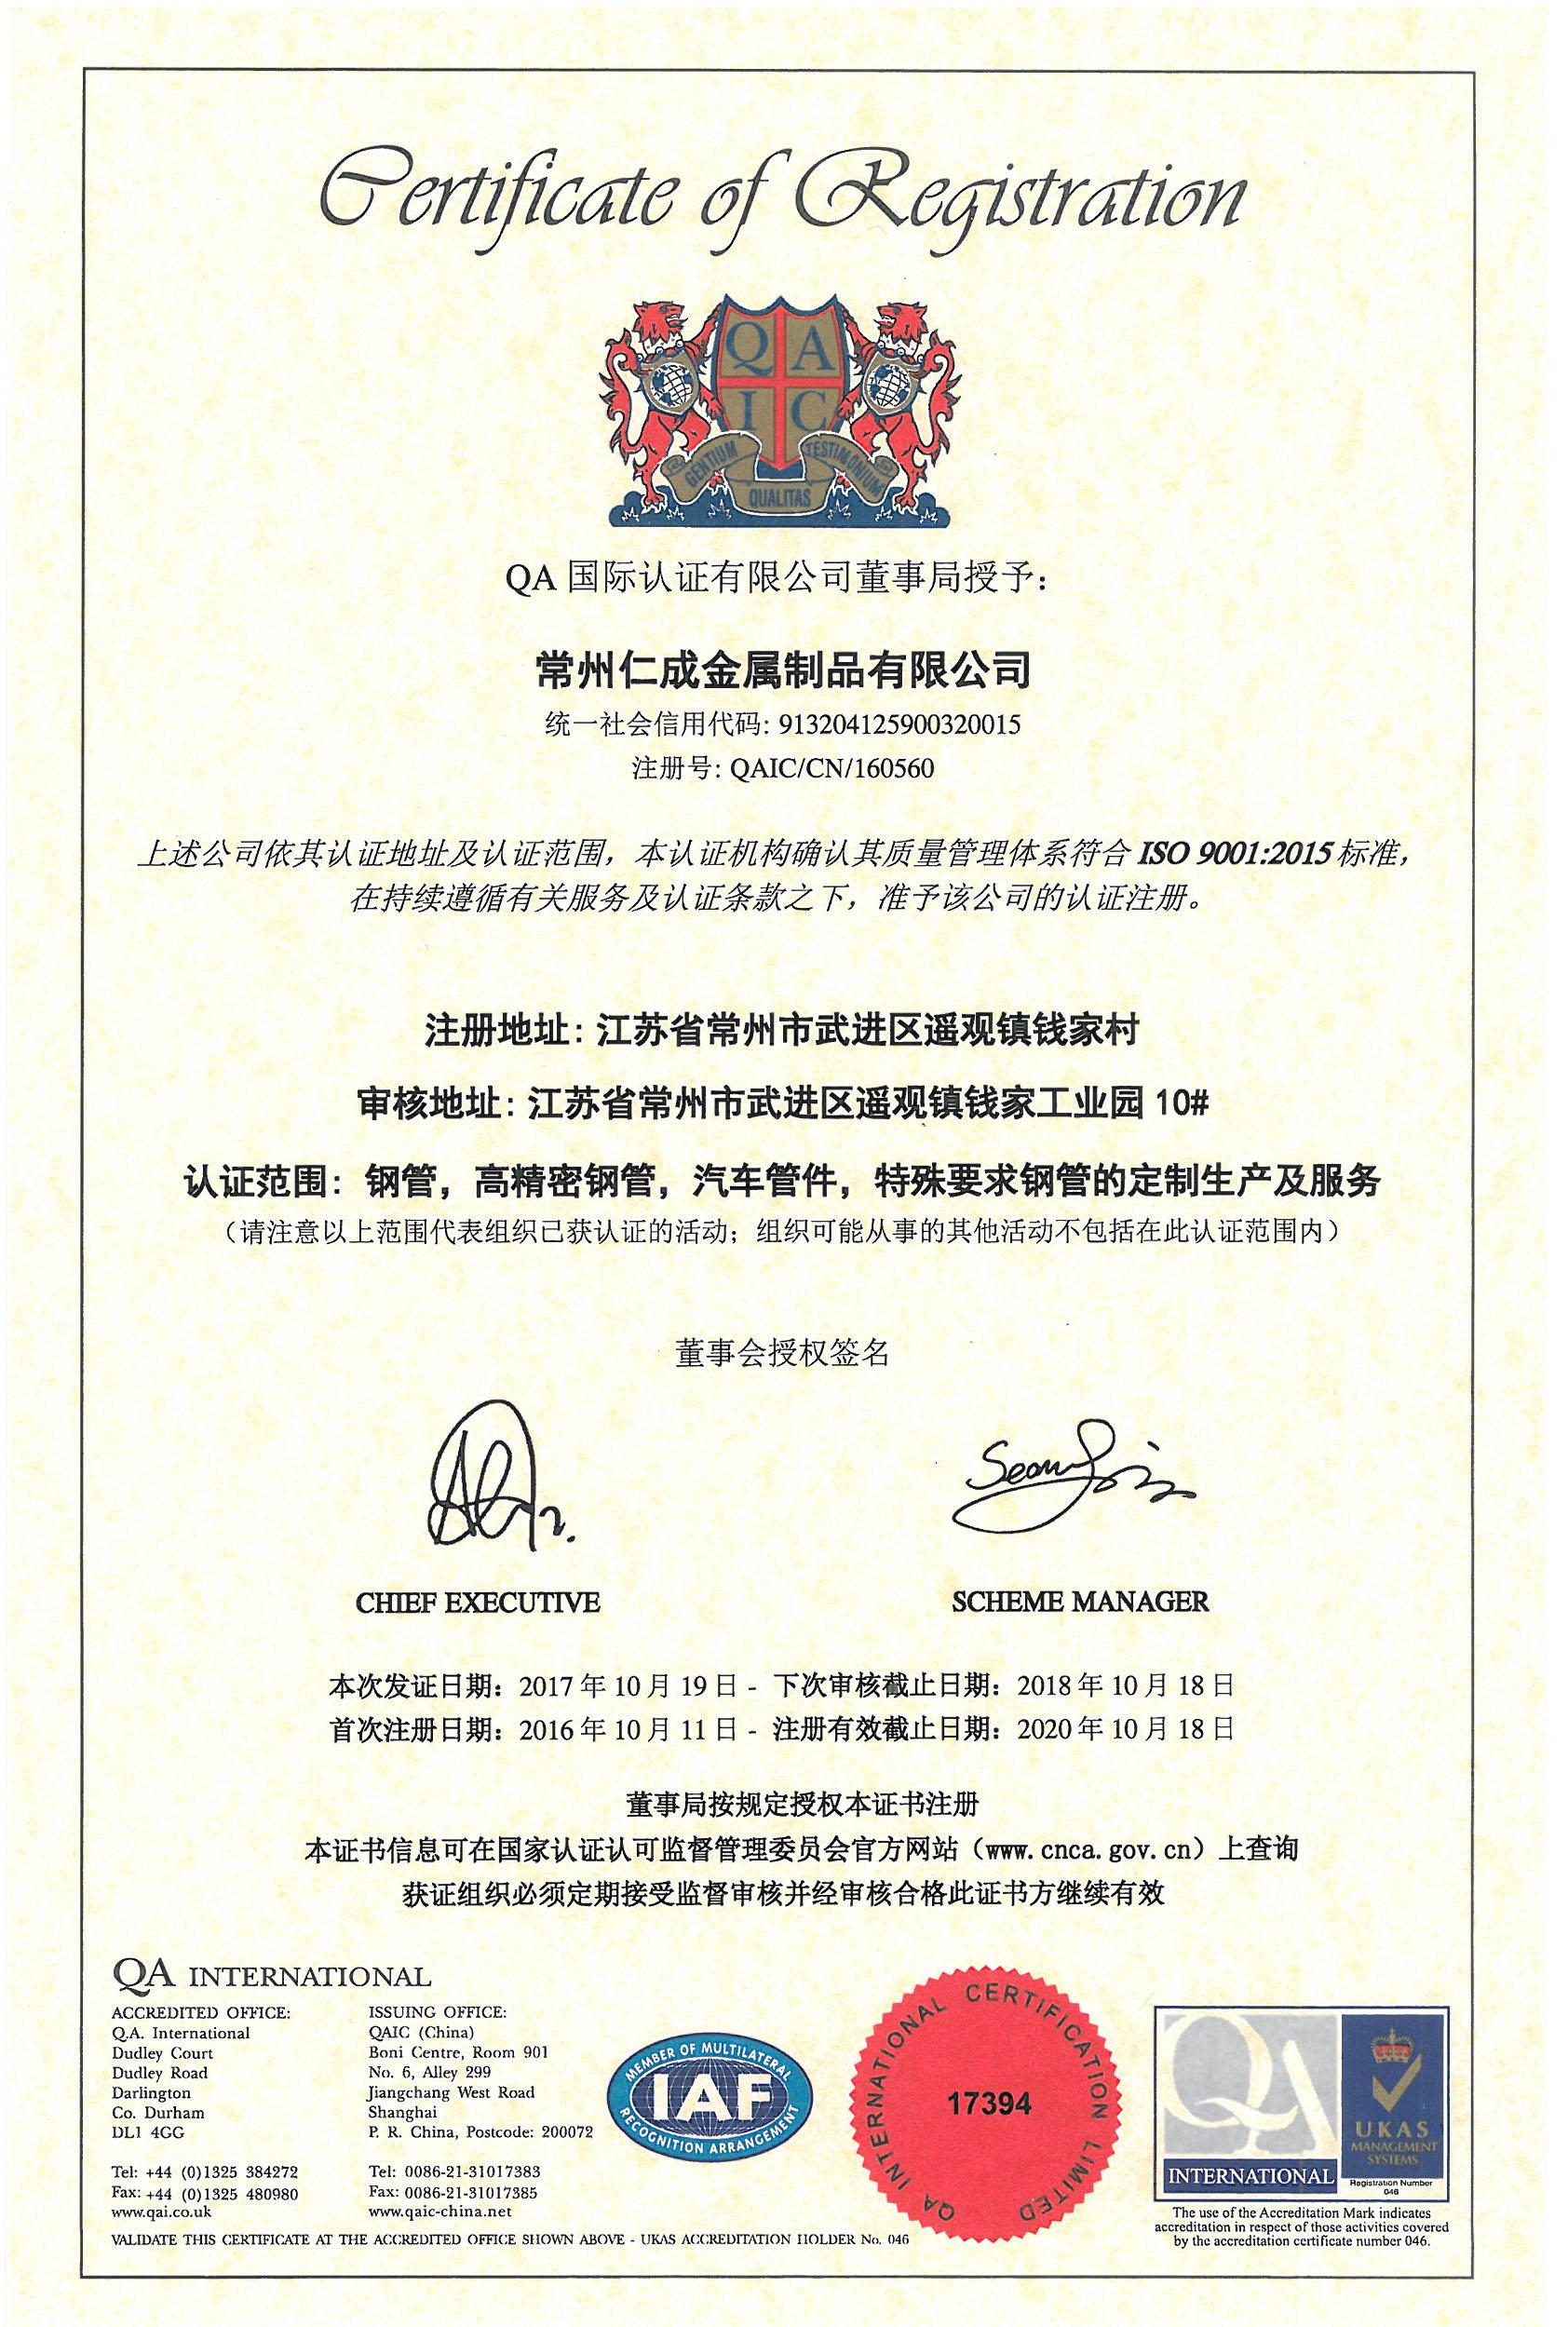 常州仁成金属制品有限公司通过ISO9001:2015认证